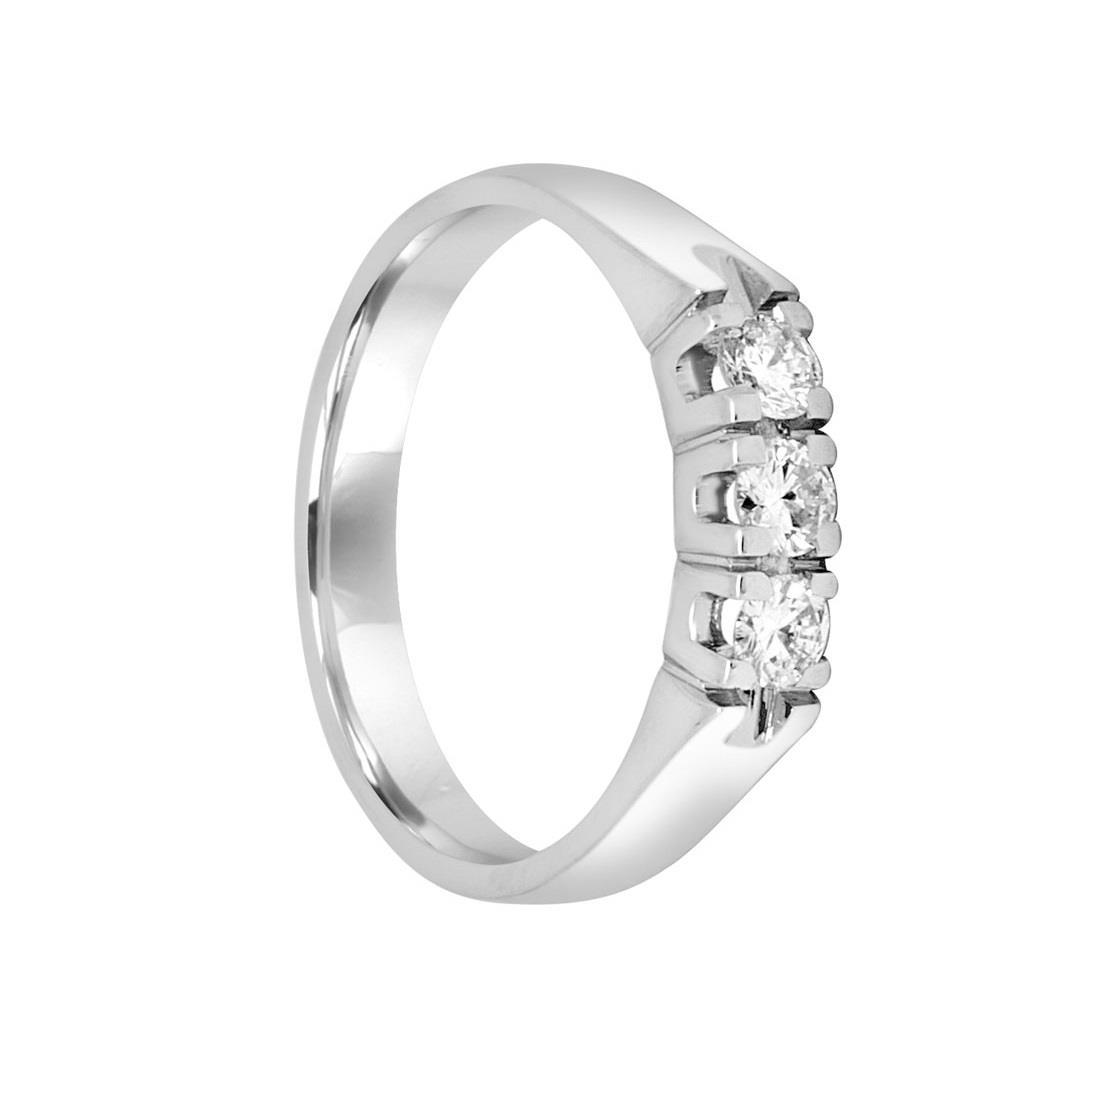 Anello trilogy in oro bianco con diamanti mis 15 - ORO&CO